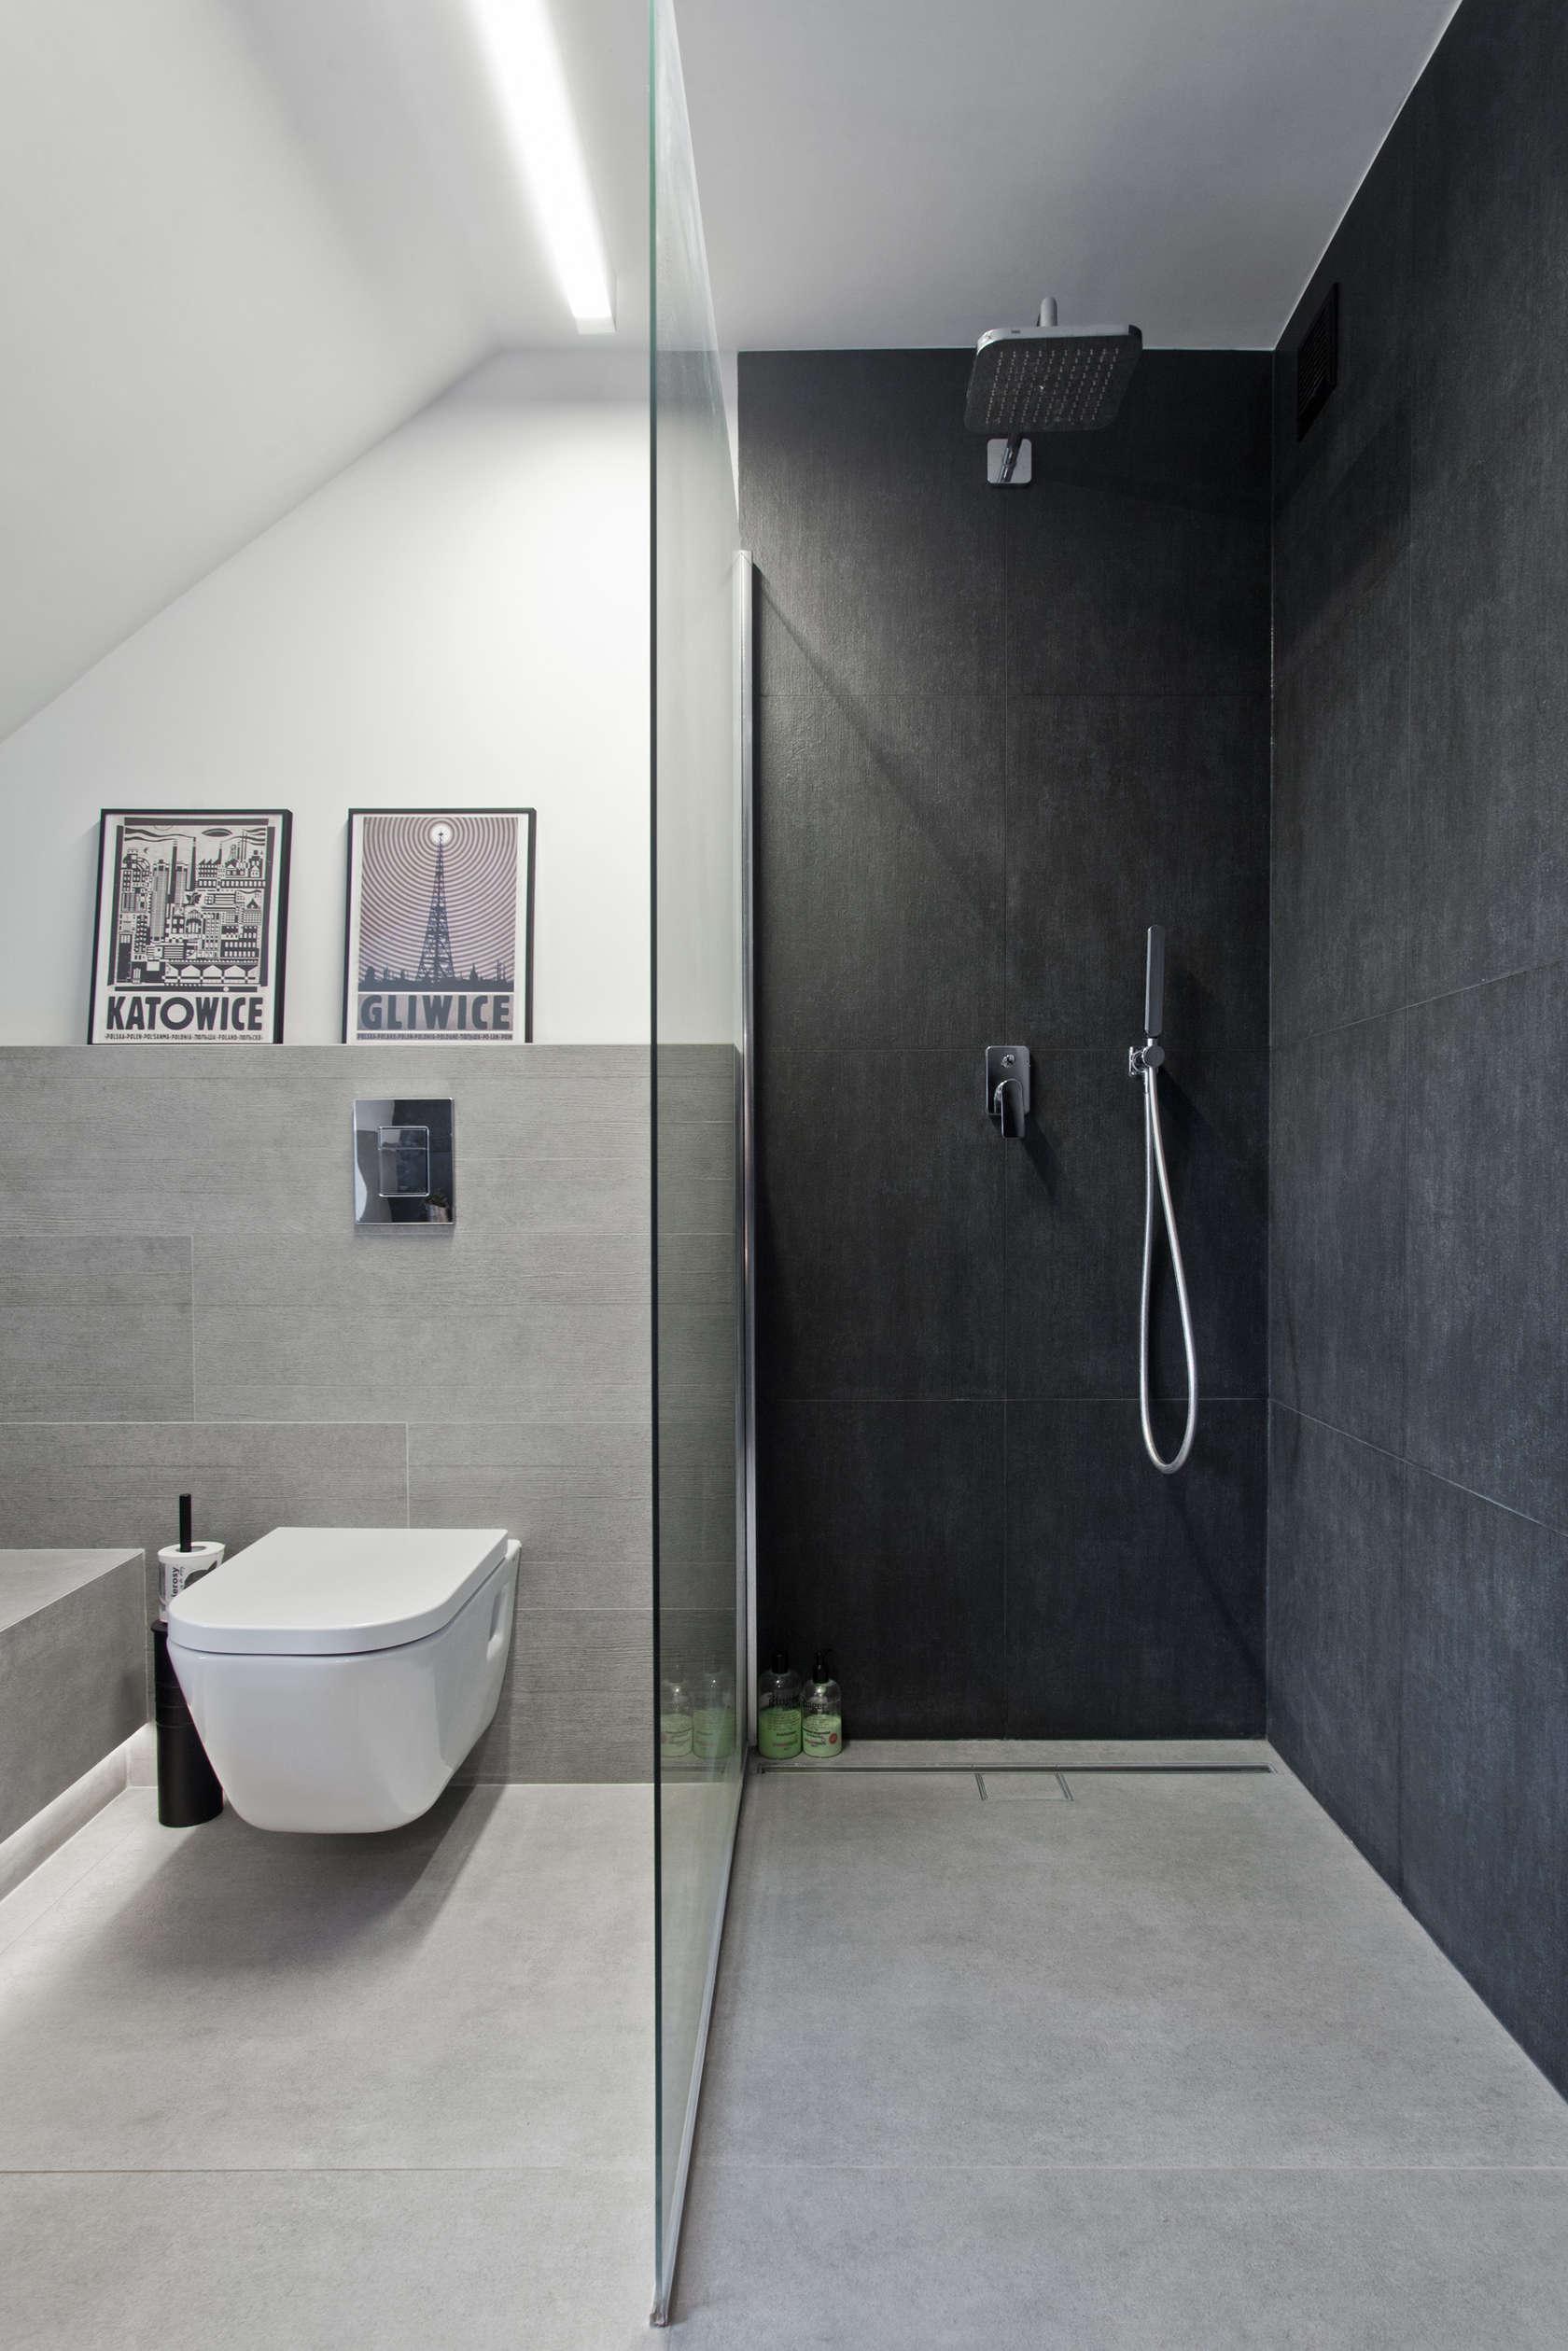 Dark shower for relaxation